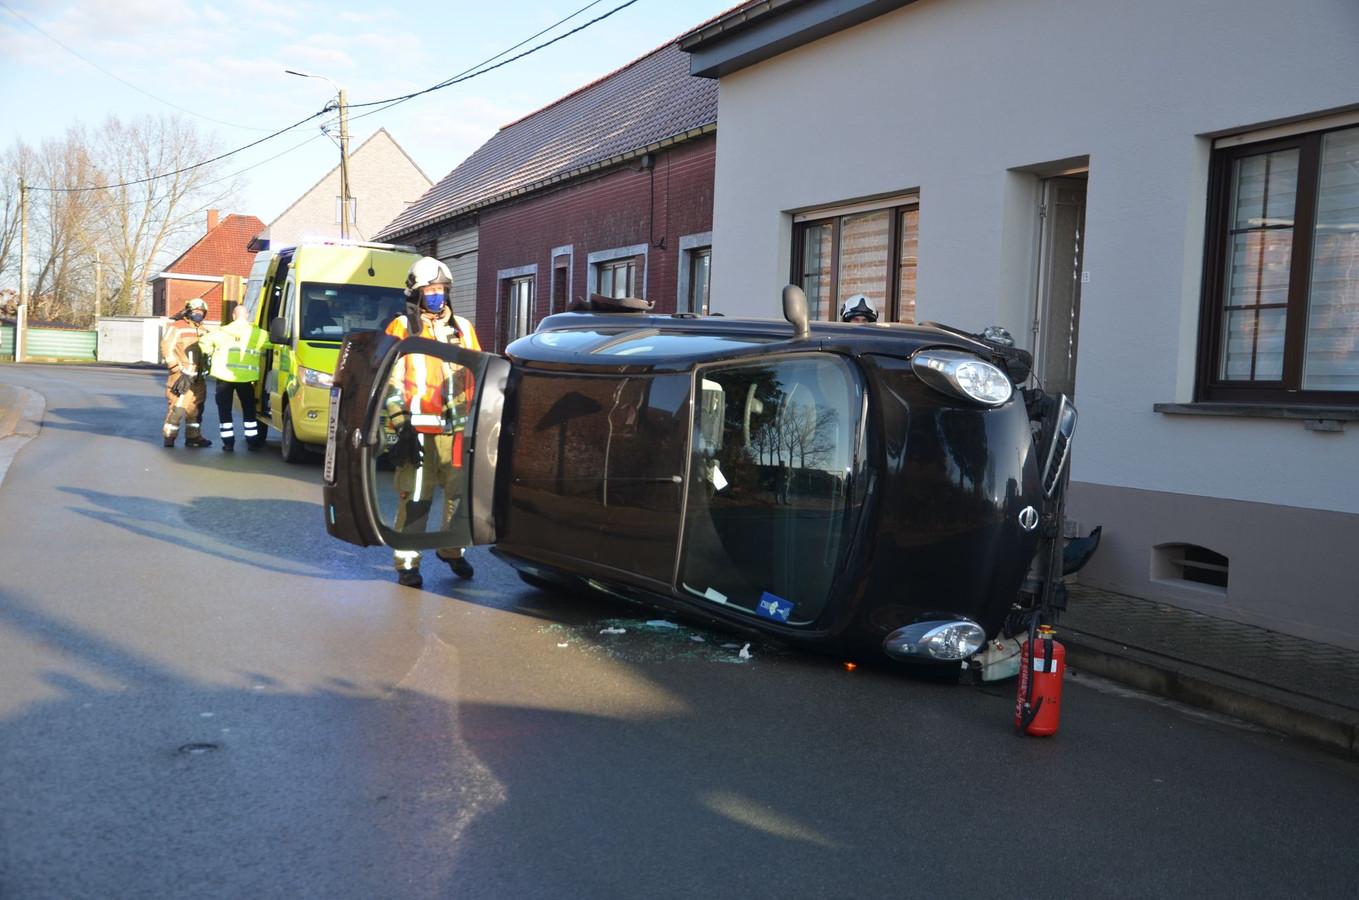 De 58-jarige bestuurster werd door de brandweer bevrijd uit haar wagen.